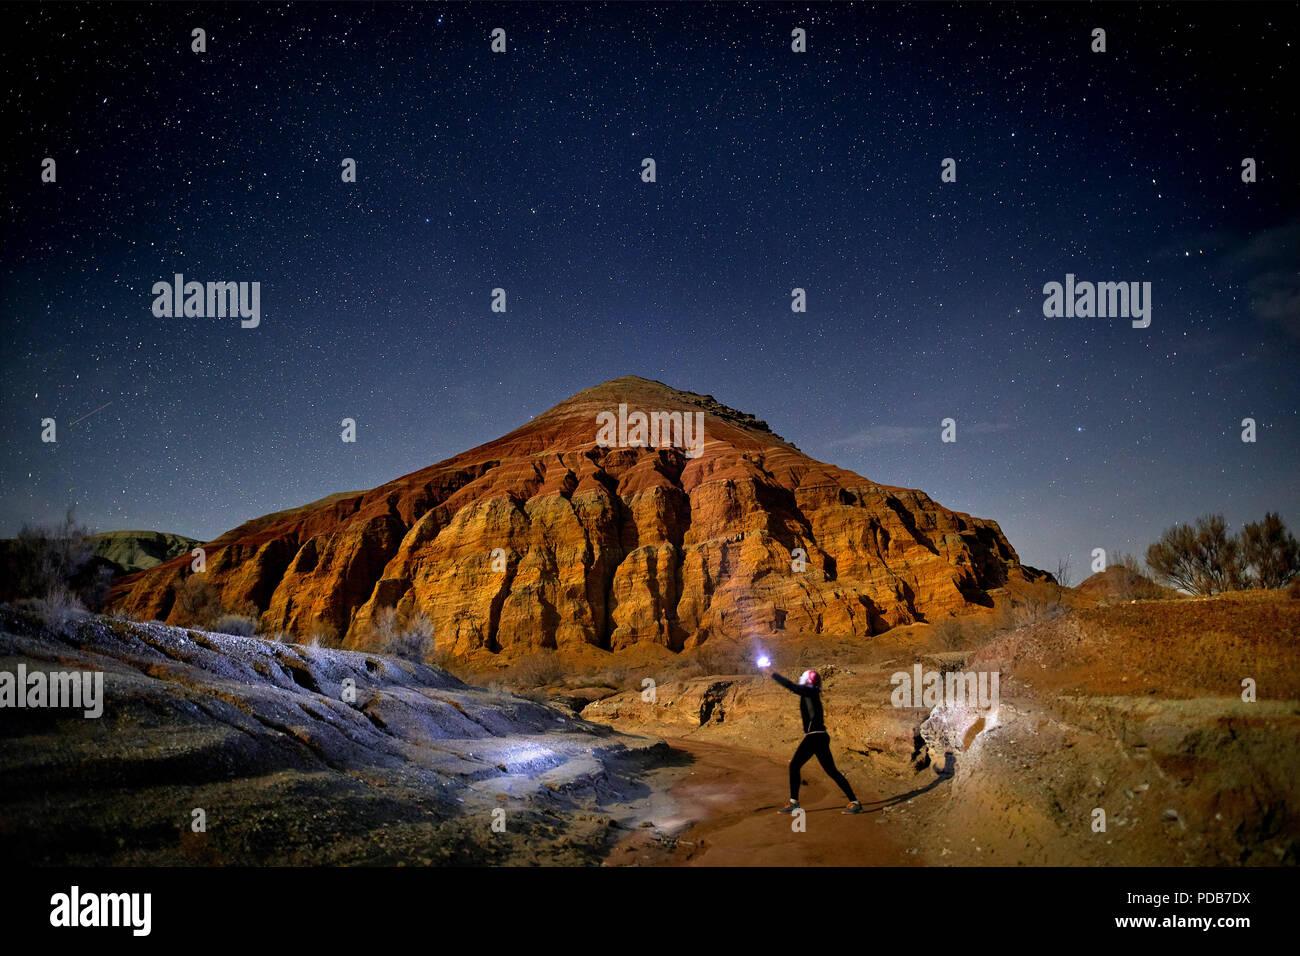 Hombre con cabeza de luz en la noche en el desierto, fondo del cielo. Viajar, aventura y concepto de expedición. Imagen De Stock